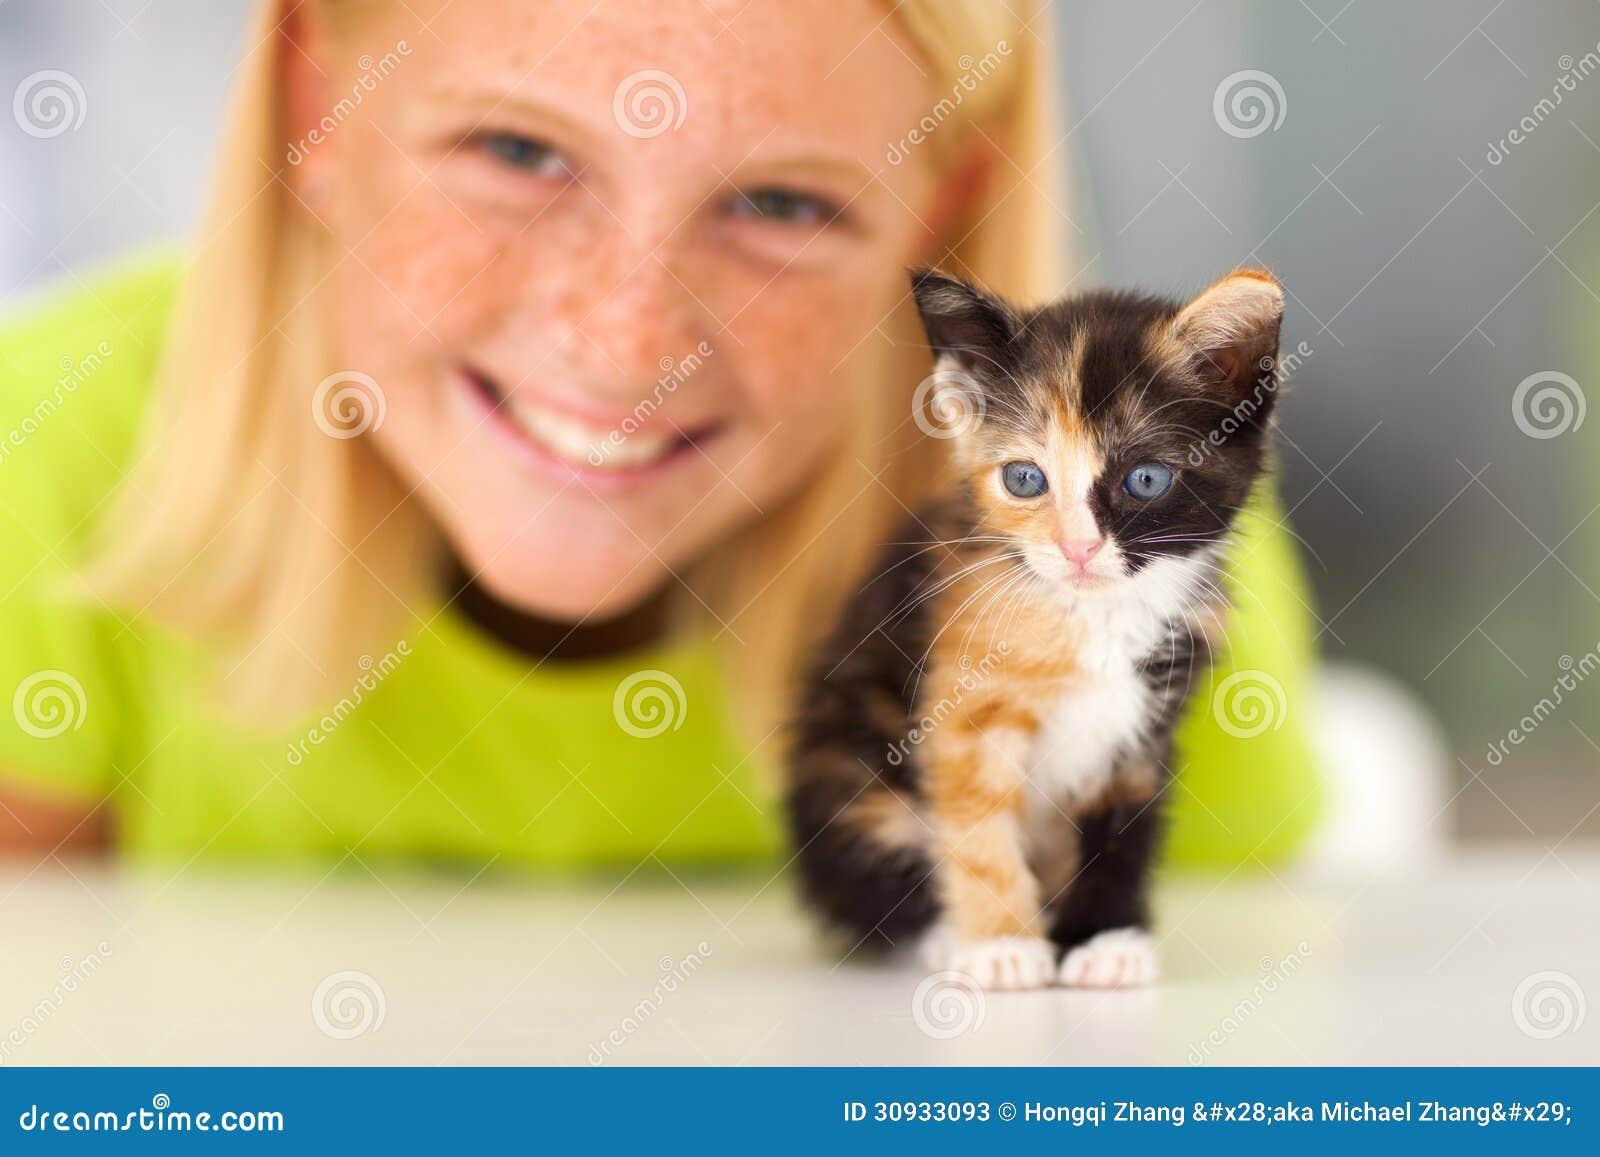 Kitten Teen Girl Stock Photos - Image: 30933093